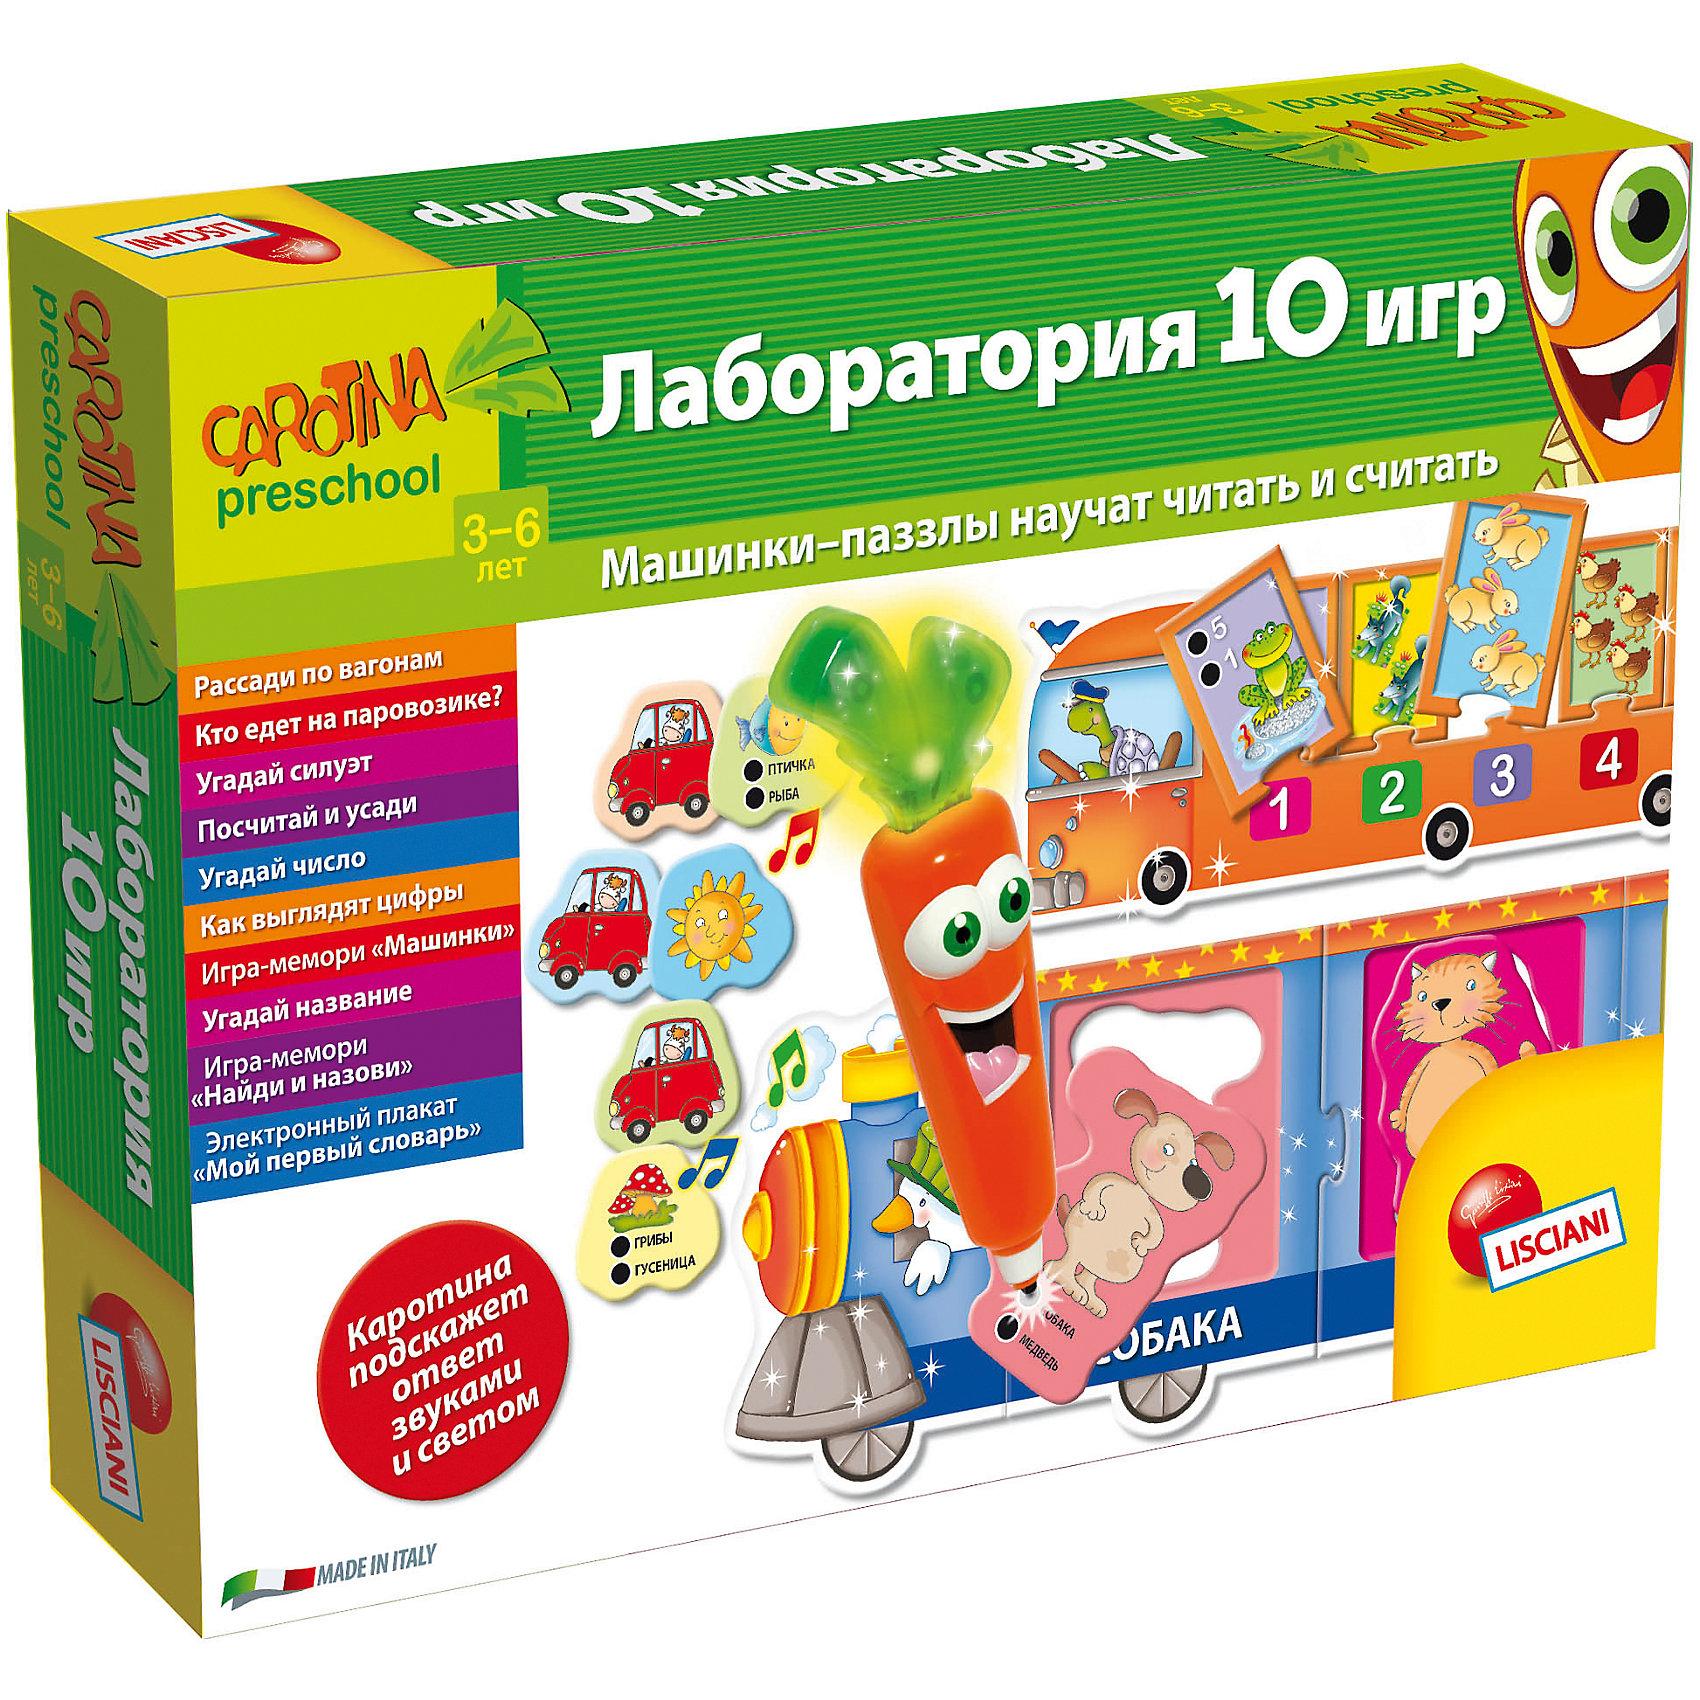 Обучающая игра Лаборатория 10 игр с интерактивной морковкой, LiscianiРазвивающие игры<br>Обучающая игра Лаборатория 10 игр с интерактивной морковкой, Lisciani<br><br>Характеристики:<br><br>• В набор входит: морковка, карточки (24 шт.), алфавит, 2 пазла, инструкция<br>• Размер упаковки: 34,5х5х25,5 см.<br>• Элементы питания: батарейки (включены в набор)<br>• Состав: картон, пластик<br>• Вес: 680 г.<br>• Для детей в возрасте: от 3 лет<br>• Страна производитель: Италия<br><br>В этот большой набор вошли игры и задания с электронной морковкой, которая говорит и светится. С помощью морковки ребёнку нужно отмечать правильны варианты в электронных карточках и алфивите, обучаясь в таком ключе ребёнок развлекается. <br><br>С помощью этого набора игр дети смогут выучить названия животных, цифры, азбуку, обучатся основам логики, расширят словарный запас, научатся читать свои первые слова, разовьют память. С таким набором ребёнку будут по плечу все необходимые начальные навыки в непринуждённой и весёлой обстановке.<br><br>Обучающую игру Лаборатория 10 игр с интерактивной морковкой, Lisciani можно купить в нашем интернет-магазине.<br><br>Ширина мм: 255<br>Глубина мм: 345<br>Высота мм: 48<br>Вес г: 682<br>Возраст от месяцев: 36<br>Возраст до месяцев: 2147483647<br>Пол: Унисекс<br>Возраст: Детский<br>SKU: 5522896